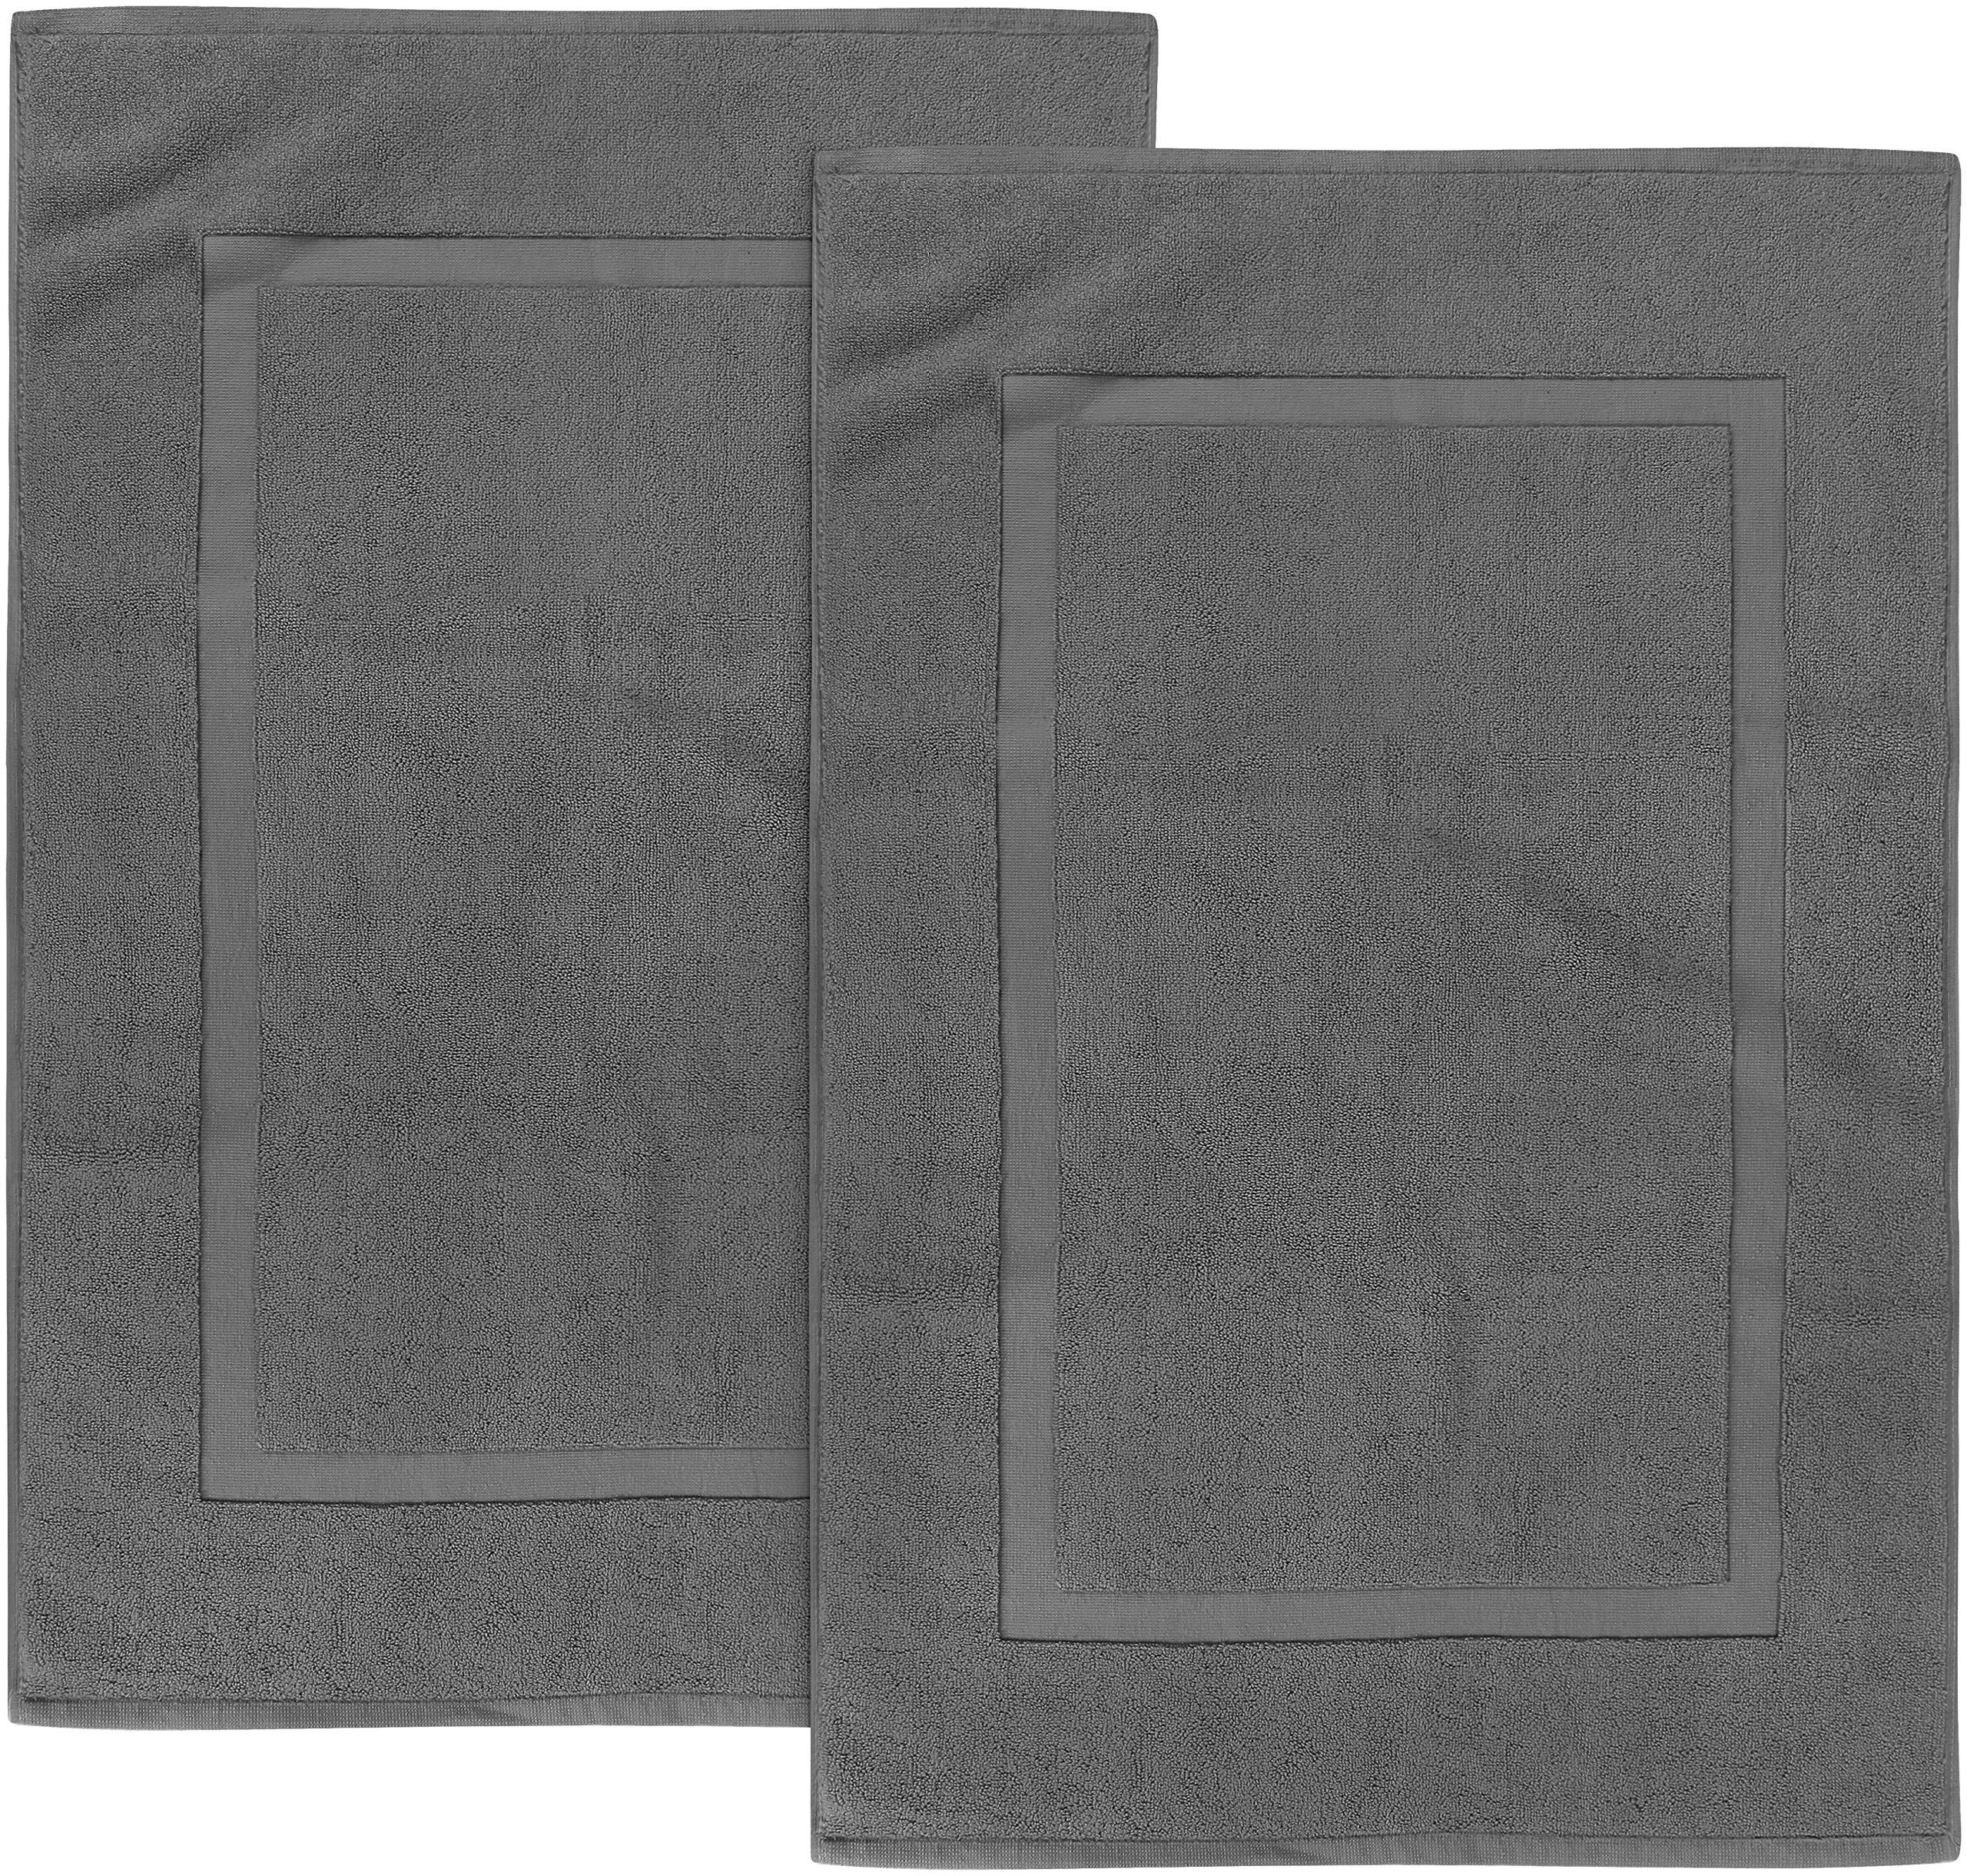 Utopia Towels - 2 Alfombrillas de baño, Alfombra baño - 100% algodón Lavable en la Lavadora (53 x 86 cm, Gris) - Altamente Absorbente: Amazon.es: Hogar